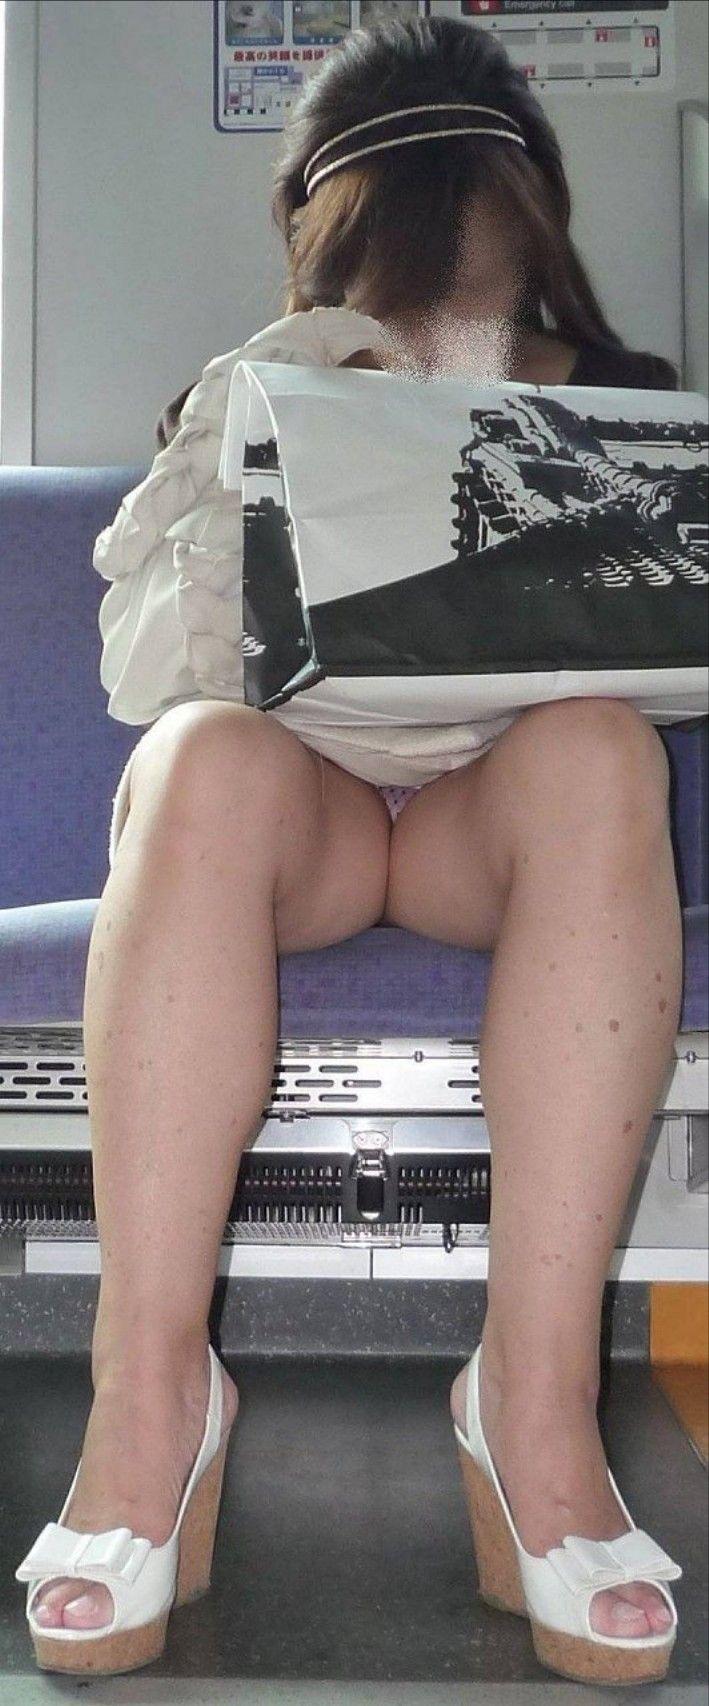 電車内 対面パンチラ 画像 45